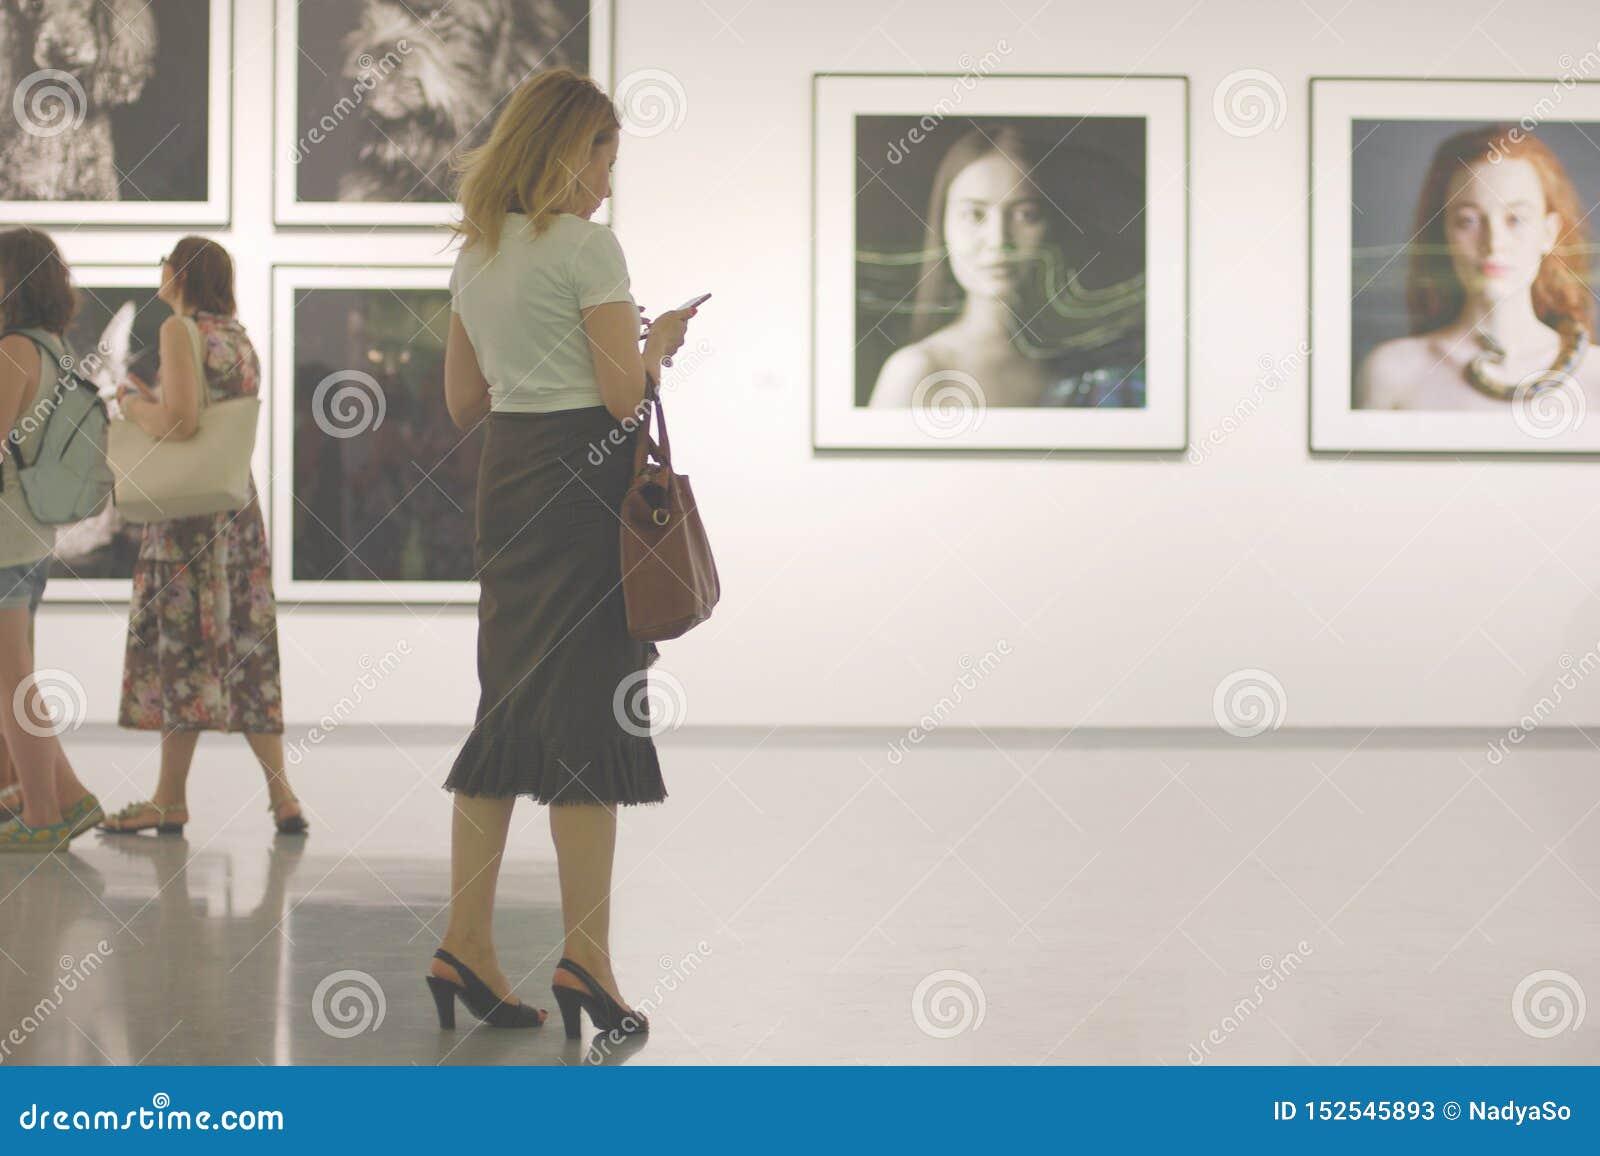 Handysuchtidee Frau in der Fotogalerie hört nicht aber mit ihrem Smartphone